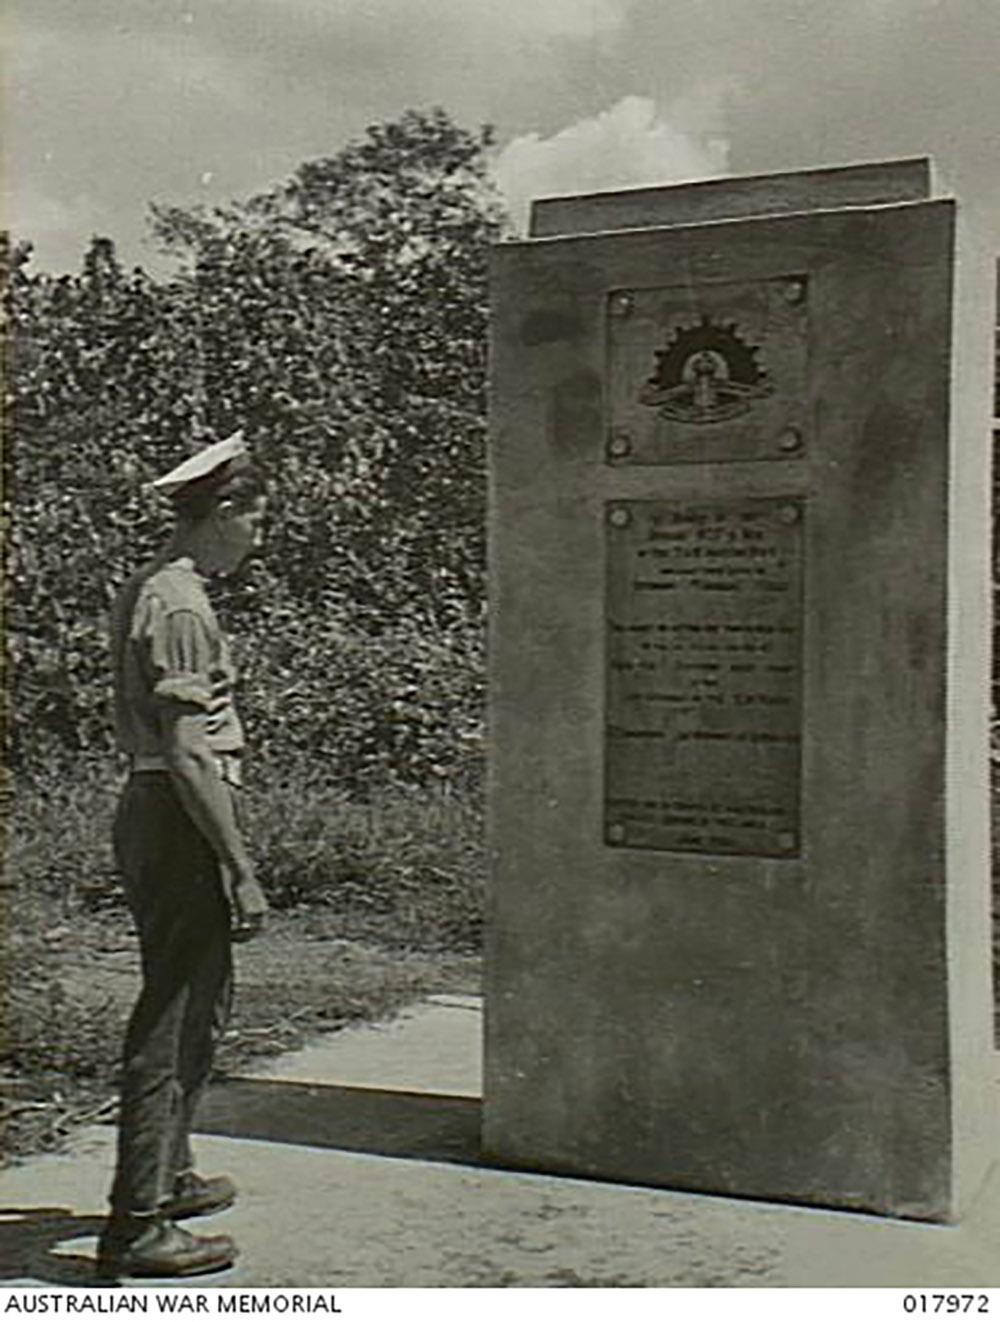 Battle of Milne Bay 1942 Memorial